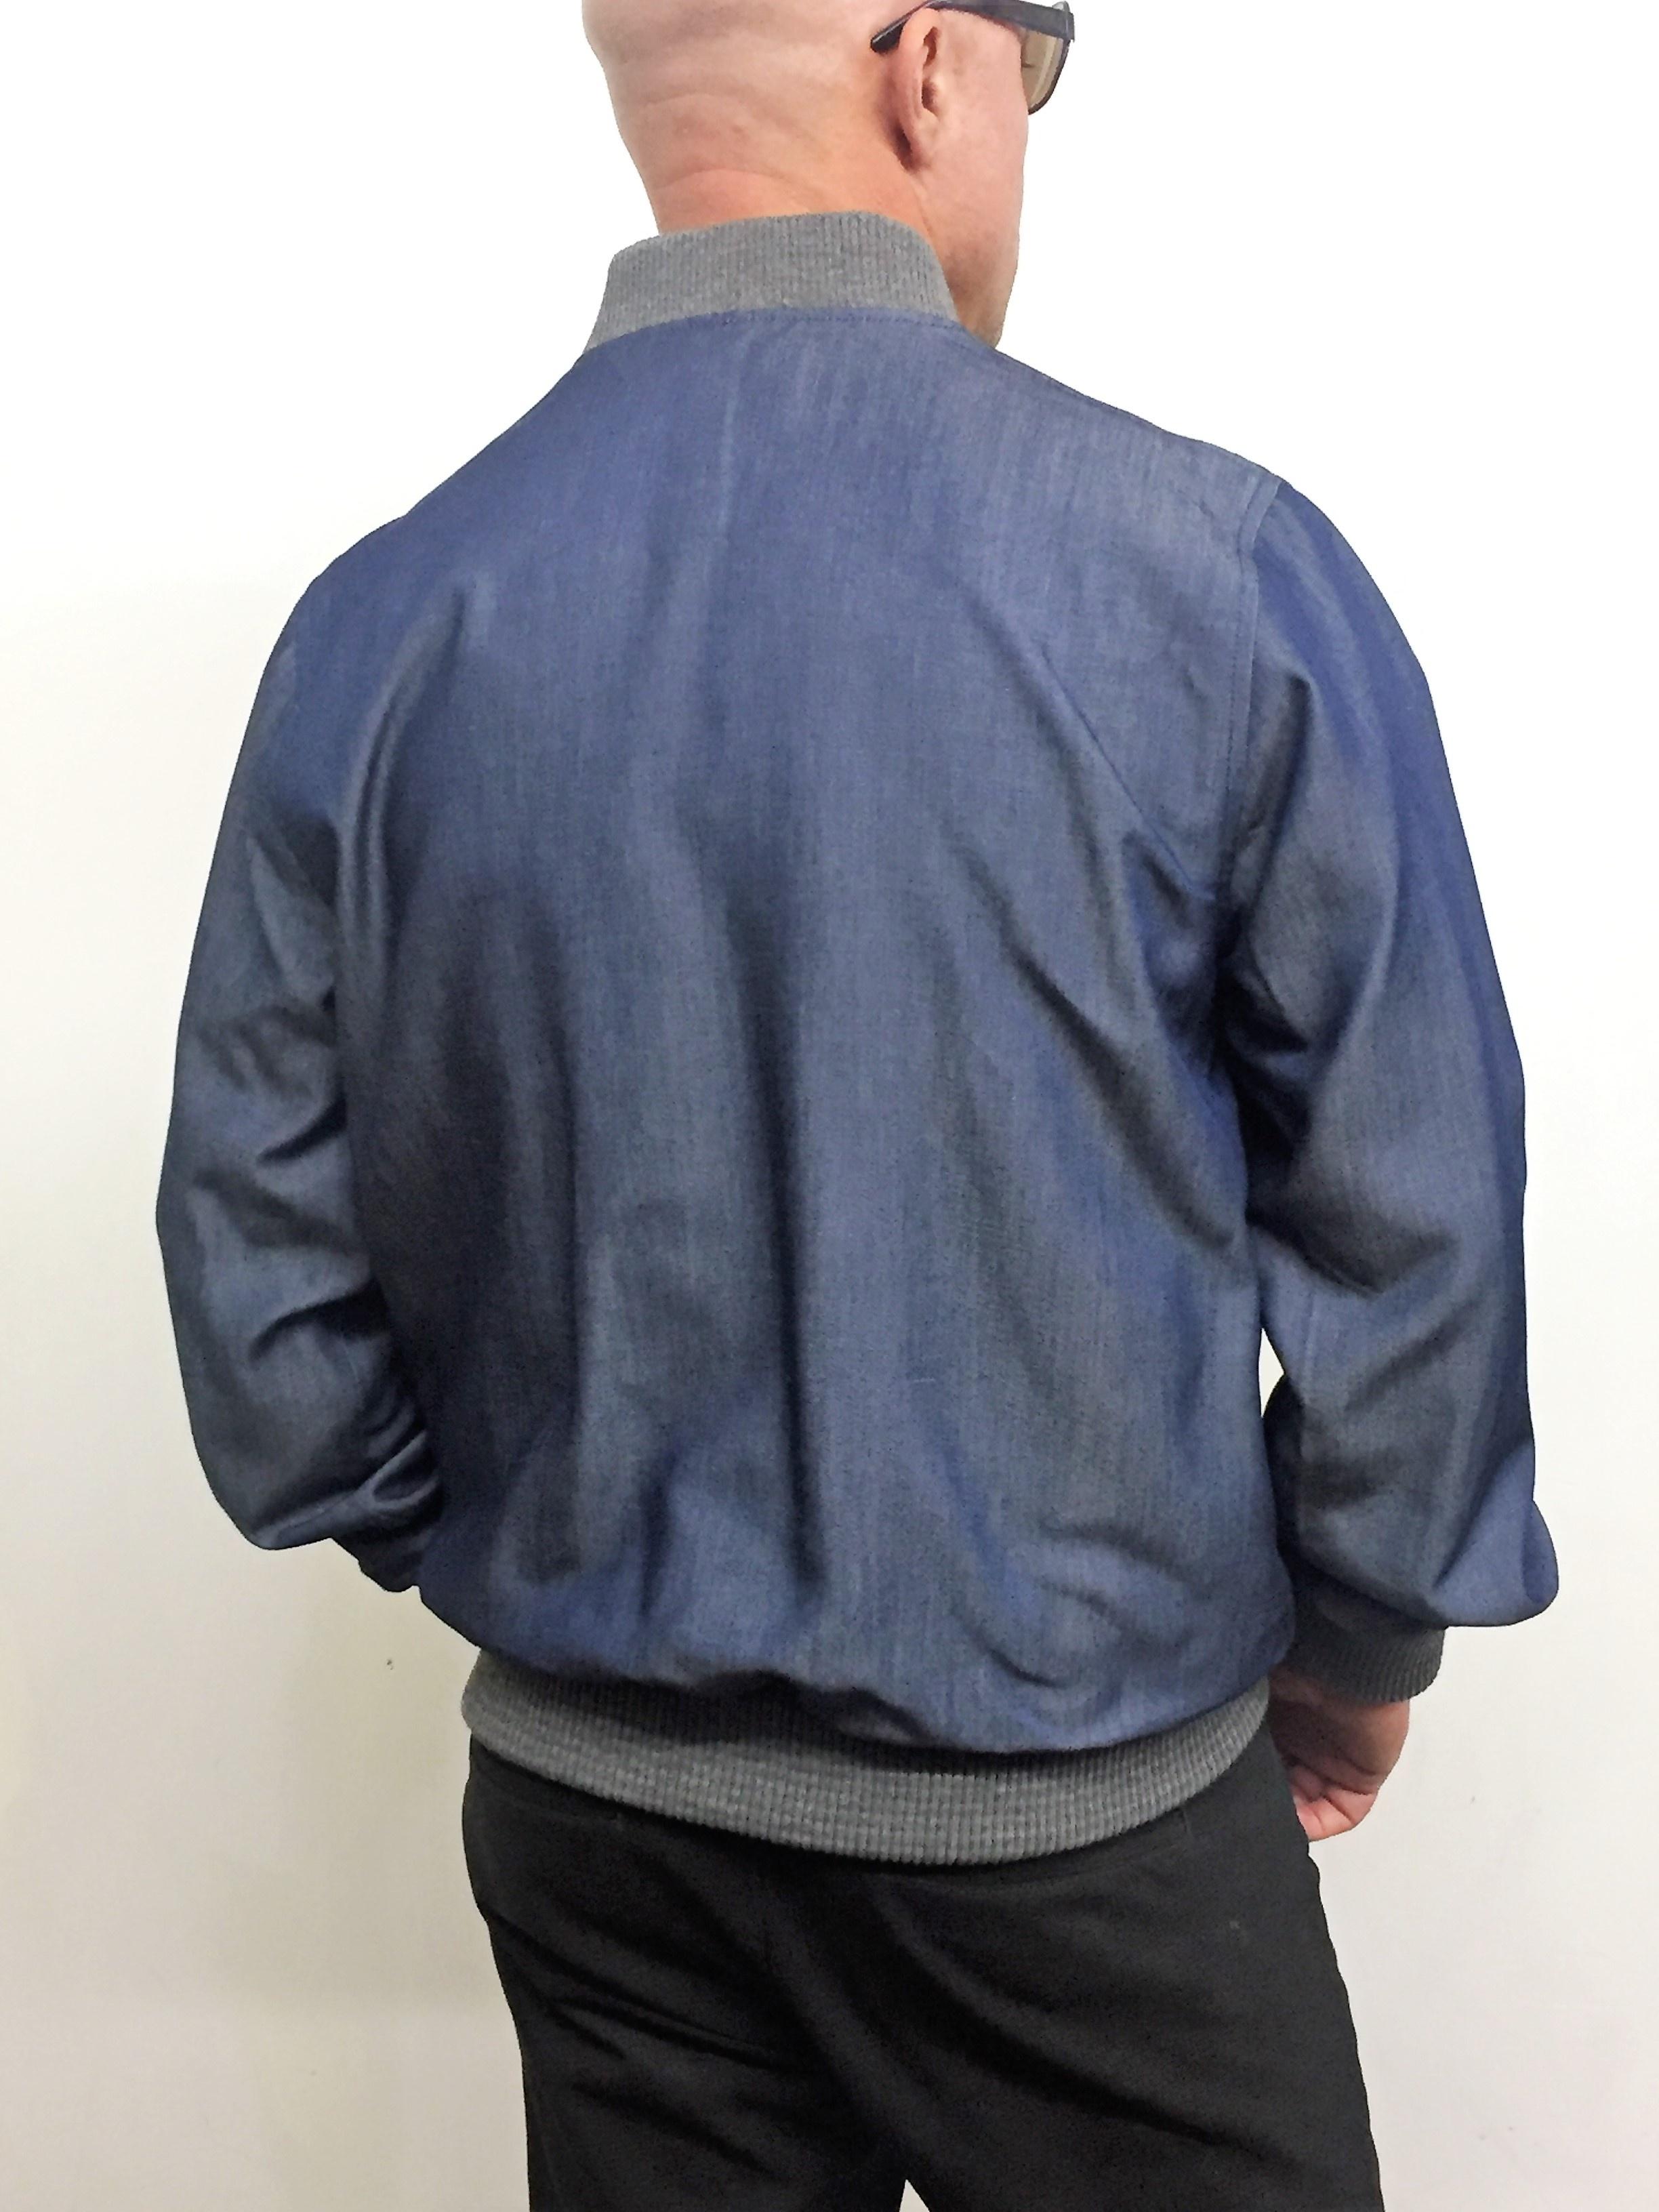 Style #7637-18 Fine Denim Cotton Spandex